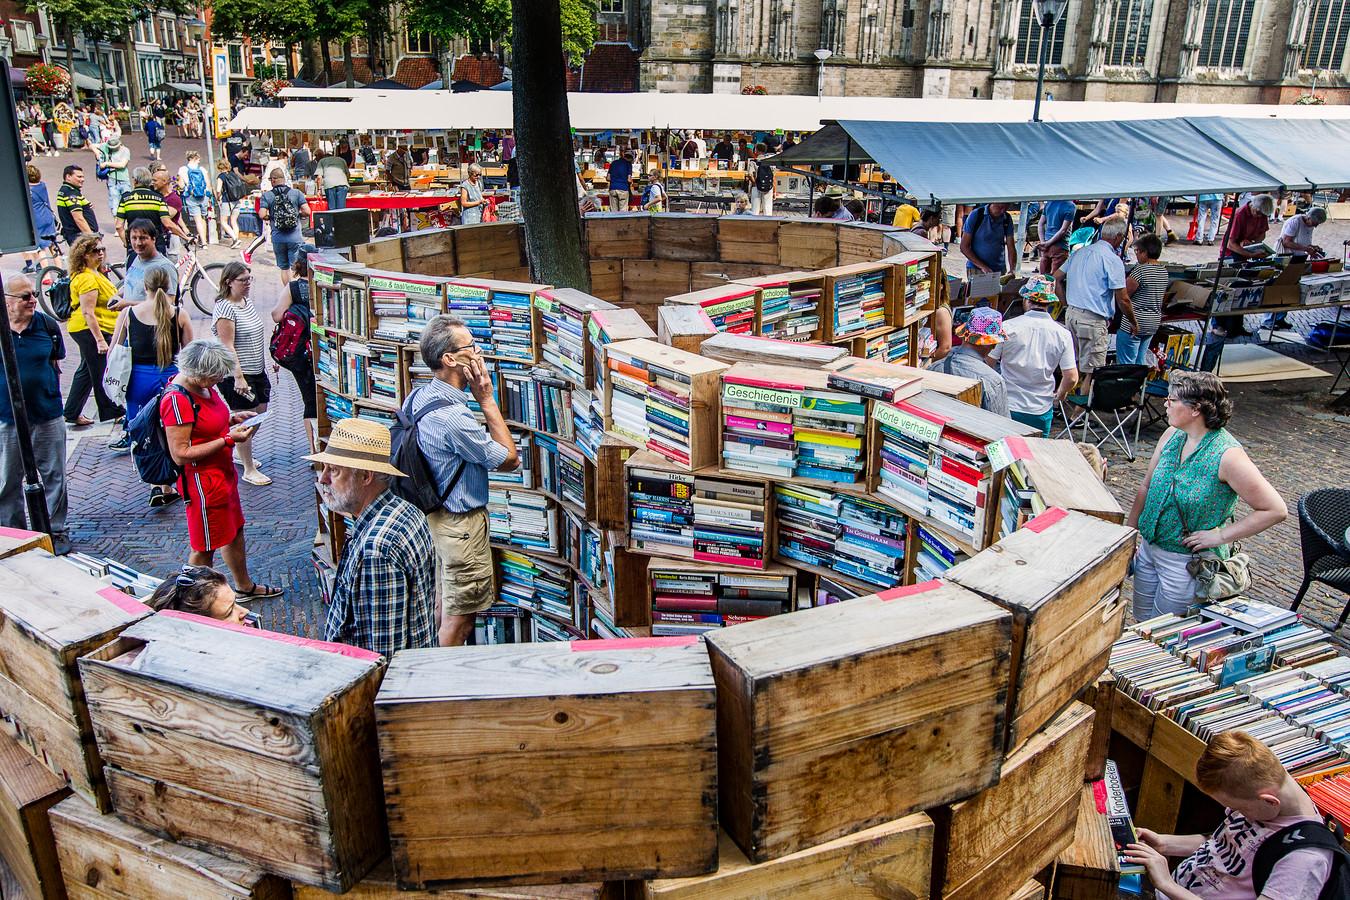 In het centrum van Deventer kon je boeken krijgen in allerlei soorten en maten.